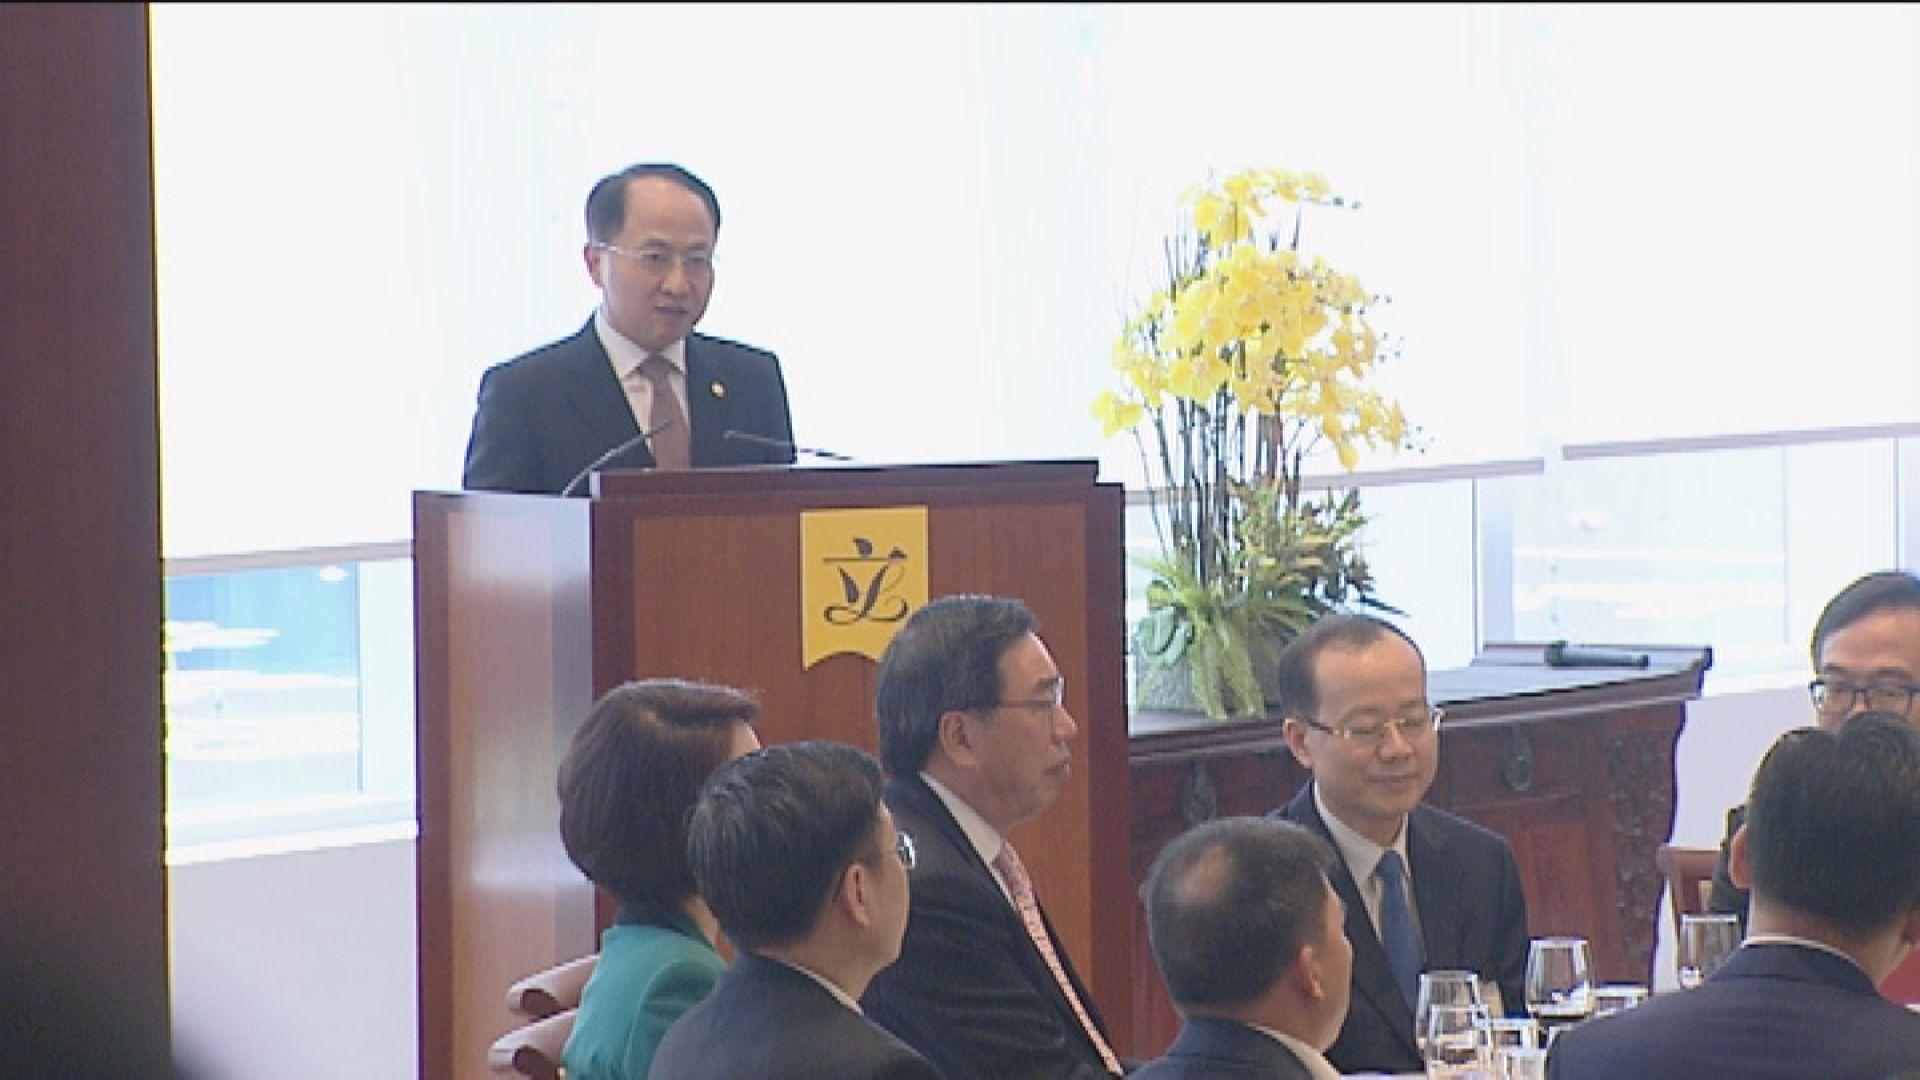 中聯辦主任王志民明年元宵節宴請立法會議員